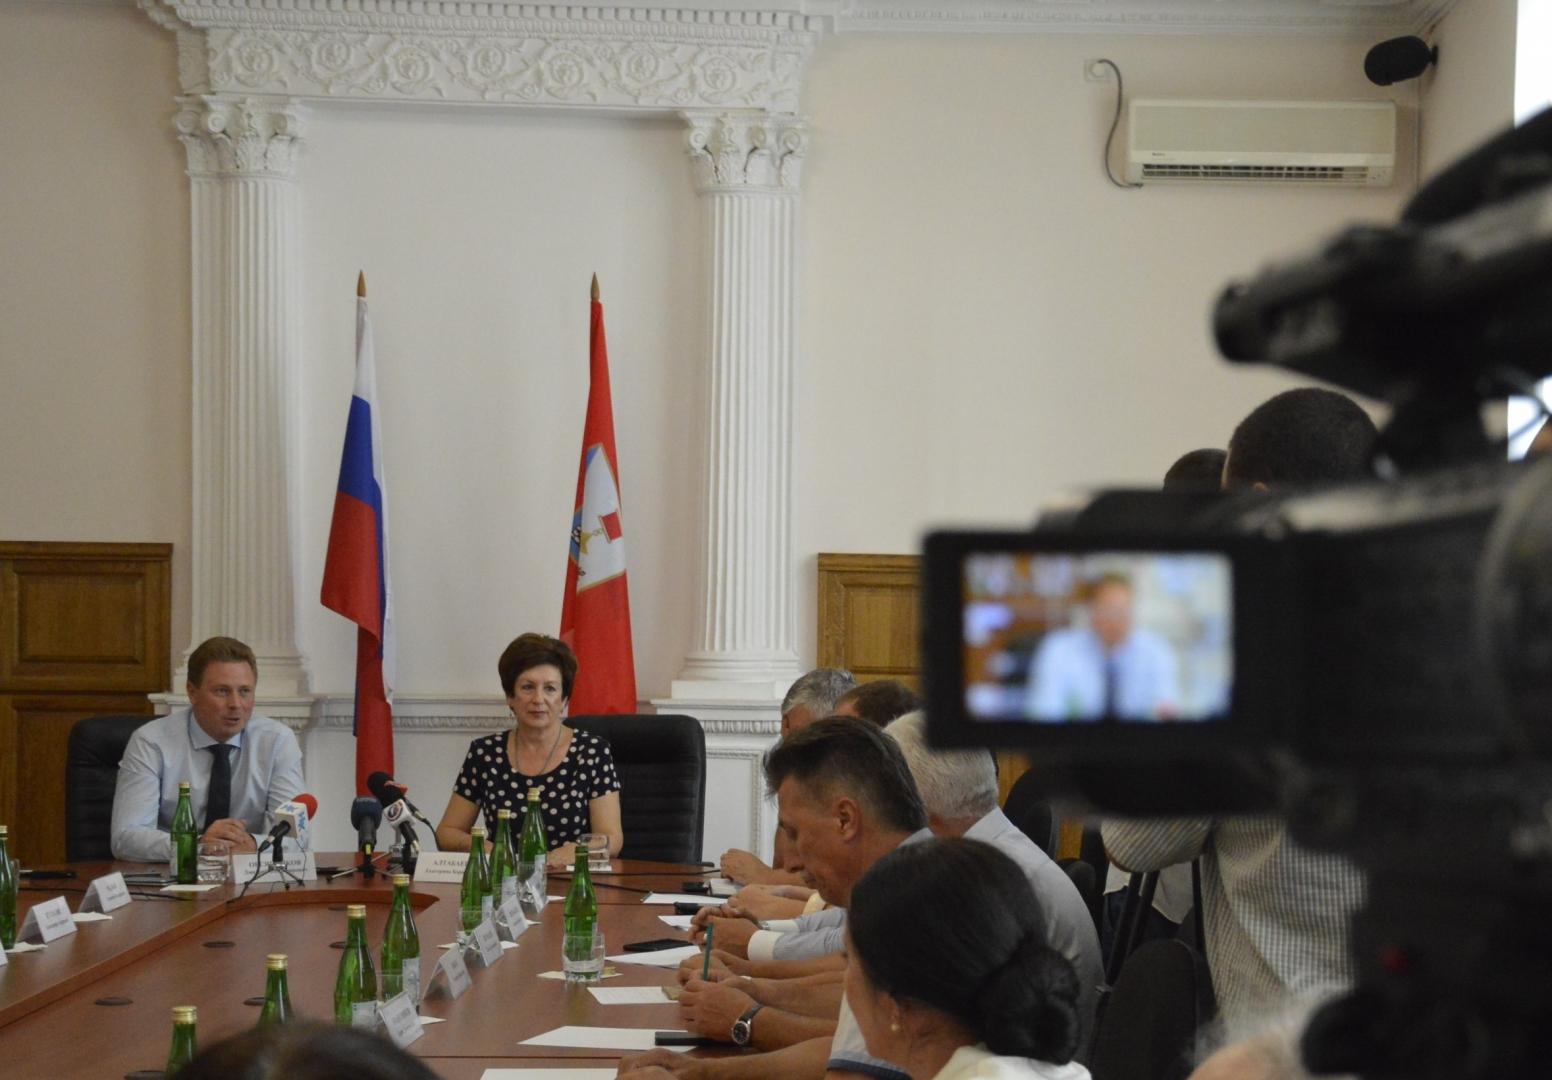 Новый губернатор встретился с депутатами законодательного собрания